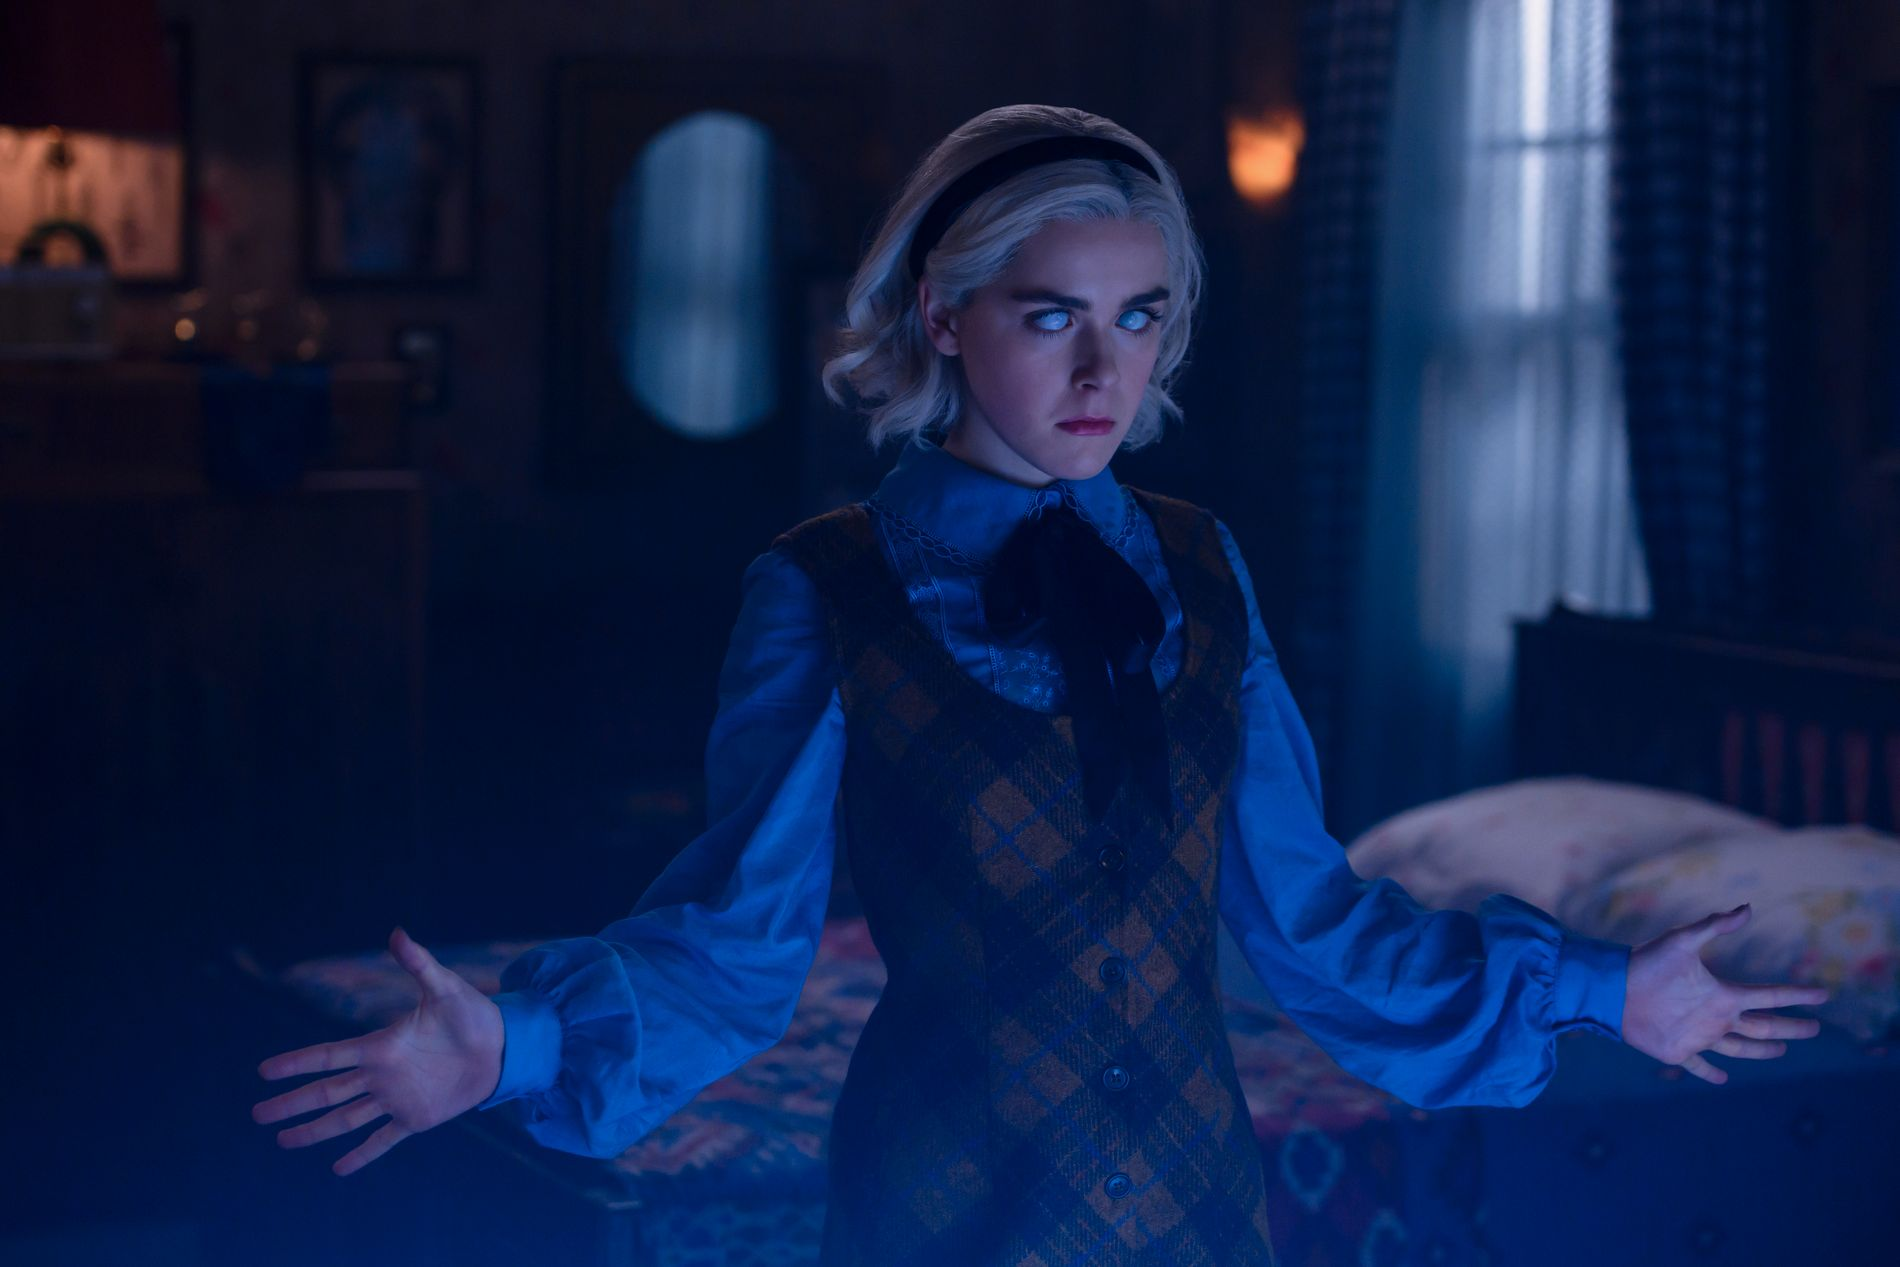 TENÅRINGSHEKS: Kiernan Shipka som Sabrina i sesong 2.